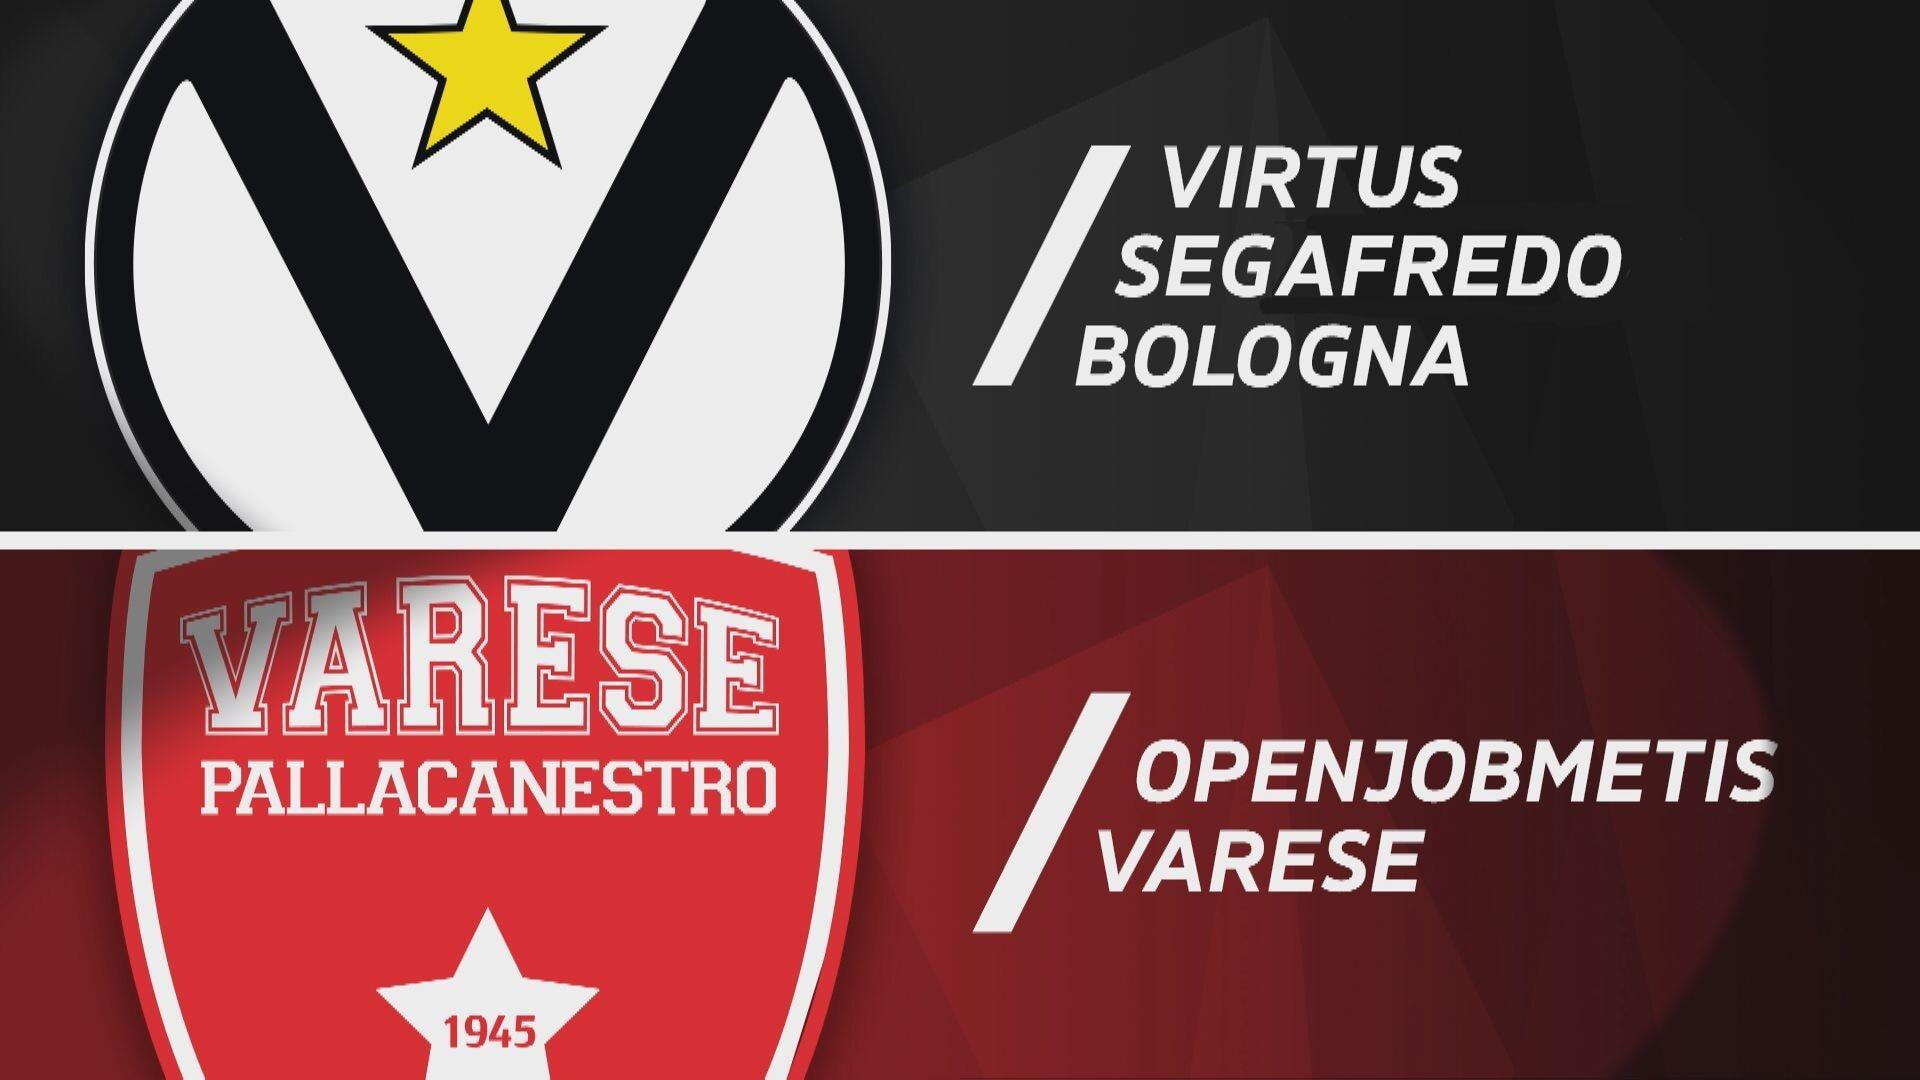 Virtus Segafredo Bologna - Openjobmetis Varese 85-76